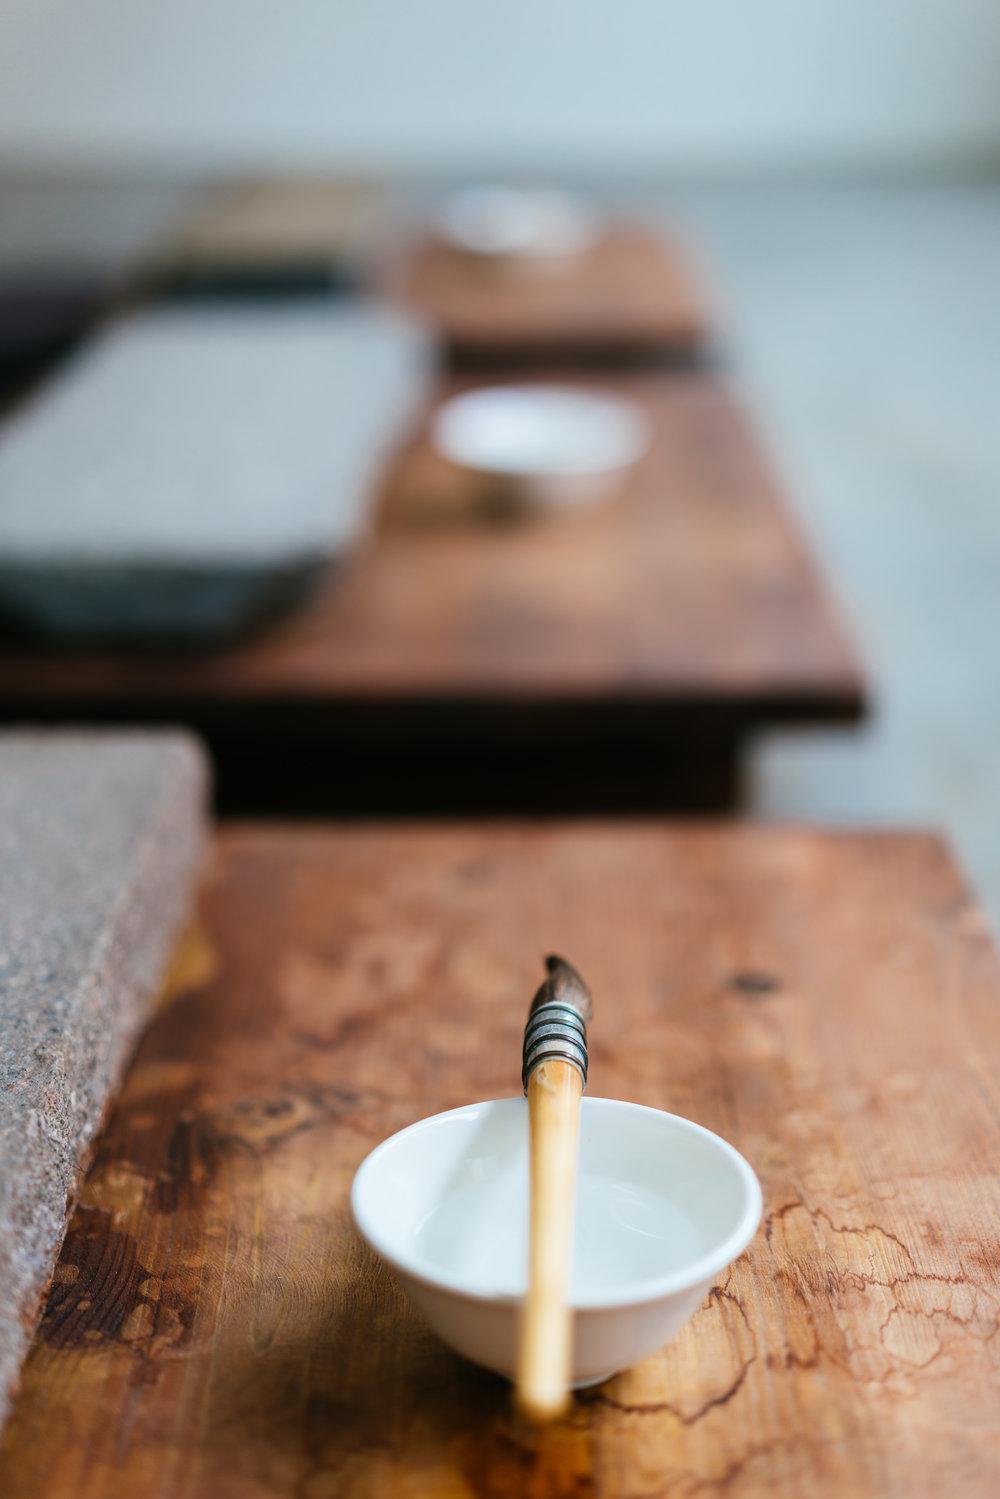 """Einfach machen! - Die Installation """"Draw A Message With Water"""" von Song Dong ist ein gutes Beispiel für die fast meditative Ruhe, die sich in diesem Museum finden lässt.Das spektakuläre Fenster (gaaanz oben zu sehen) verleiht dem Raum eine fast schon magische Aura und die Besucher, ein Teil davon zu werden.Nicht drüber nachdenken, einfach machen! ;)––––––––––––––––––––––––––––––––––––––––––––––––Unten: Besonders gut gefallen haben mir auch die Fotografien zum Projekt Kunst & Kohle, welches in vielenweiteren RuhrKunstMuseen umgesetzt und thematisiert wird (z.B. im LehmbruckMuseum), welche Götz Diergarten, der ,,letzte Becher–Schüler"""